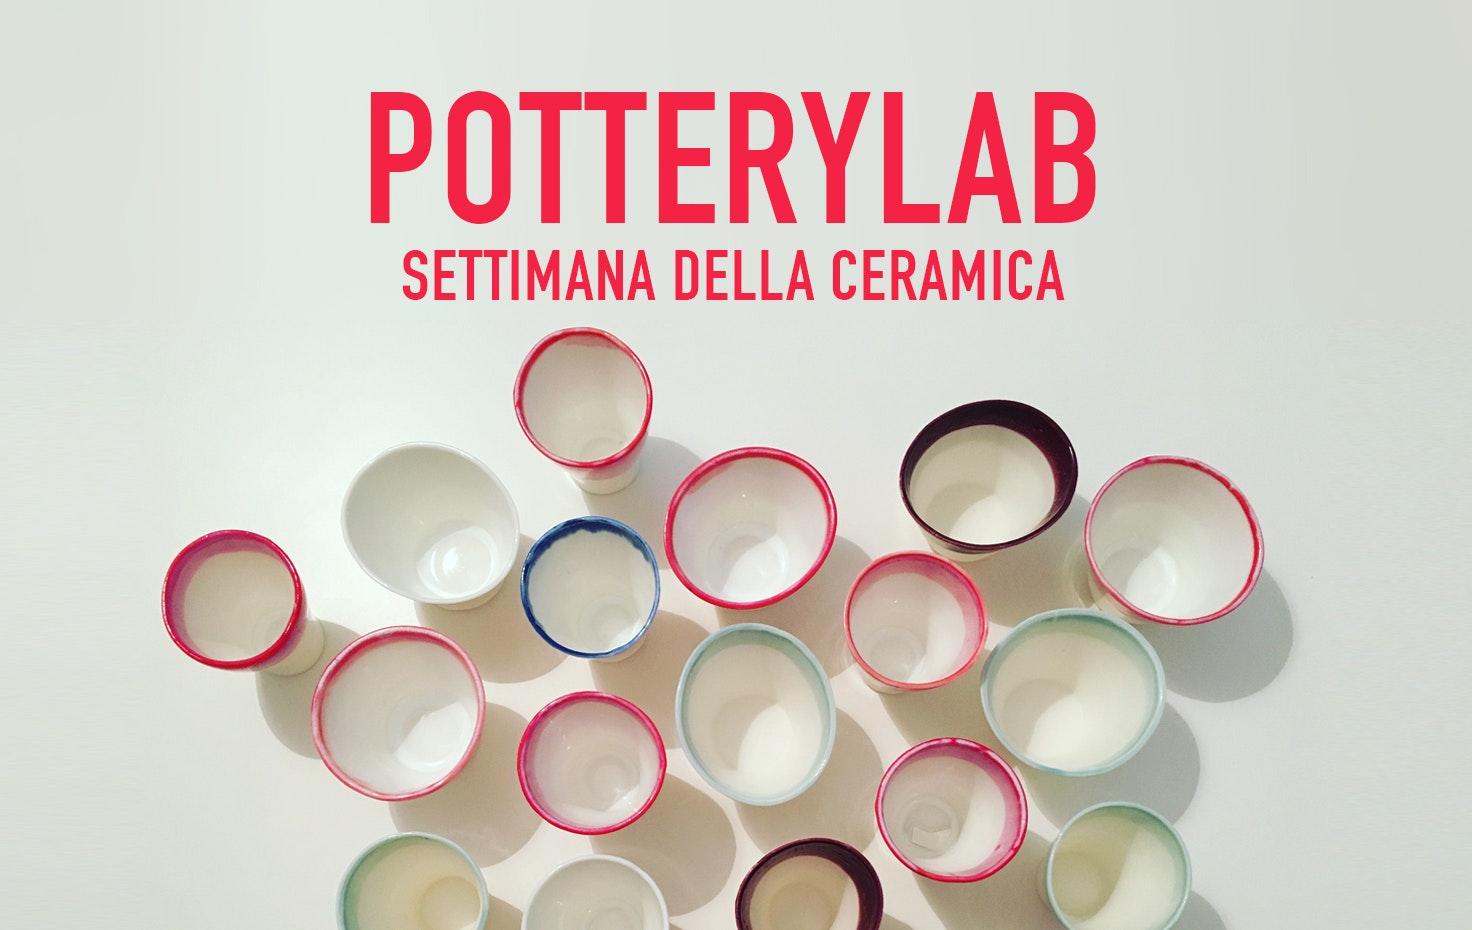 POTTERYLAB // Settimana della ceramica